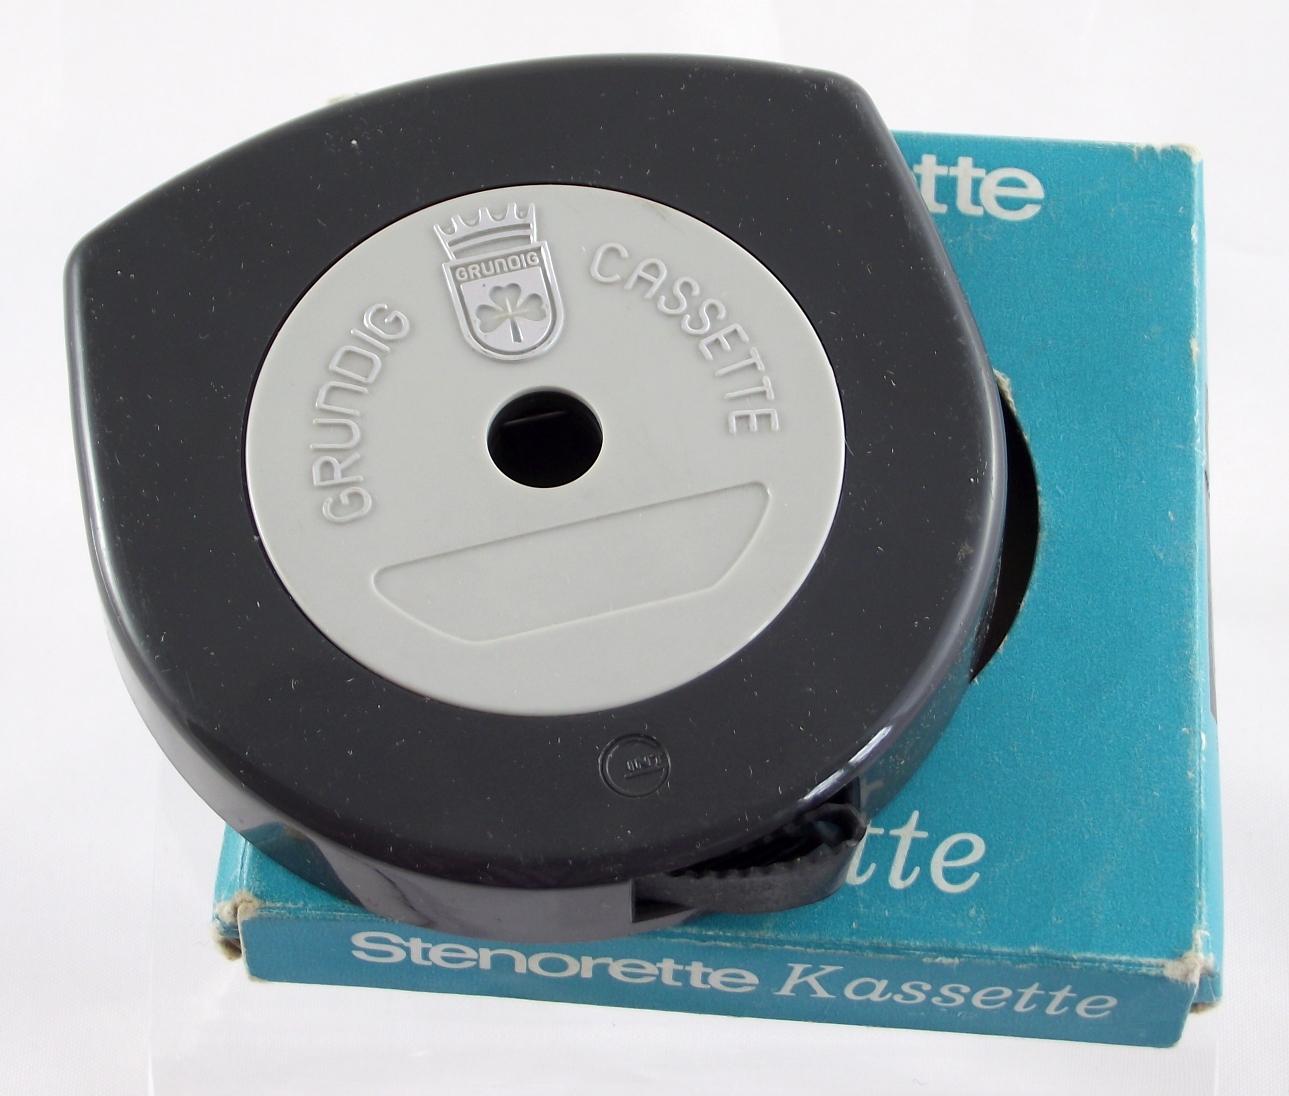 Grundig Stenorette cassette